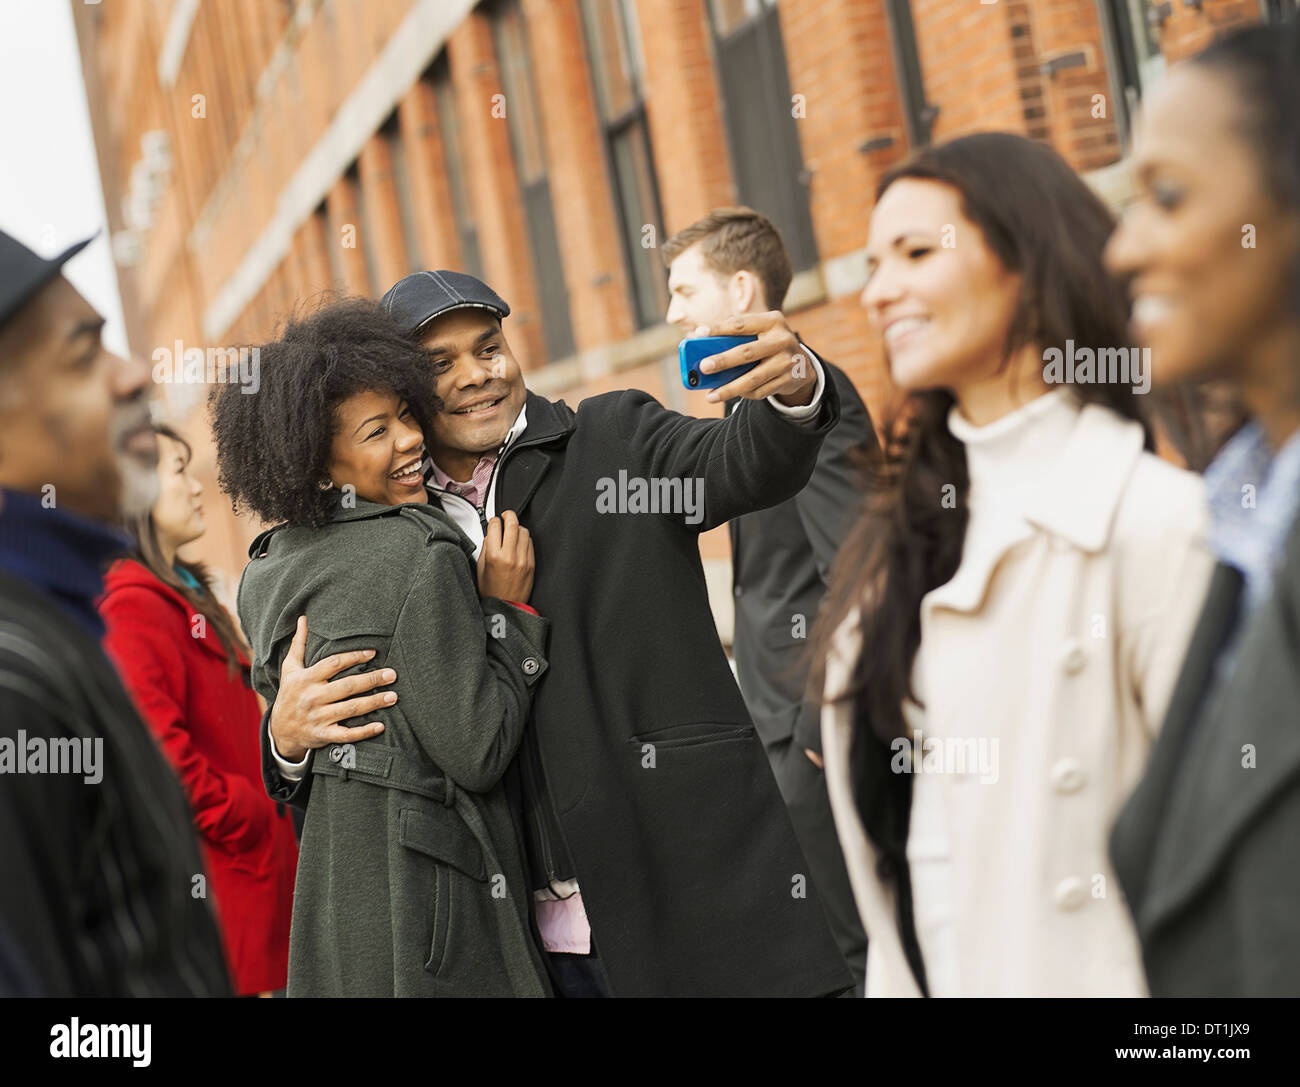 Un Hombre sujetando un teléfono con cámara y tomando fotos del grupo besar a una mujer joven, hombres y mujeres Imagen De Stock